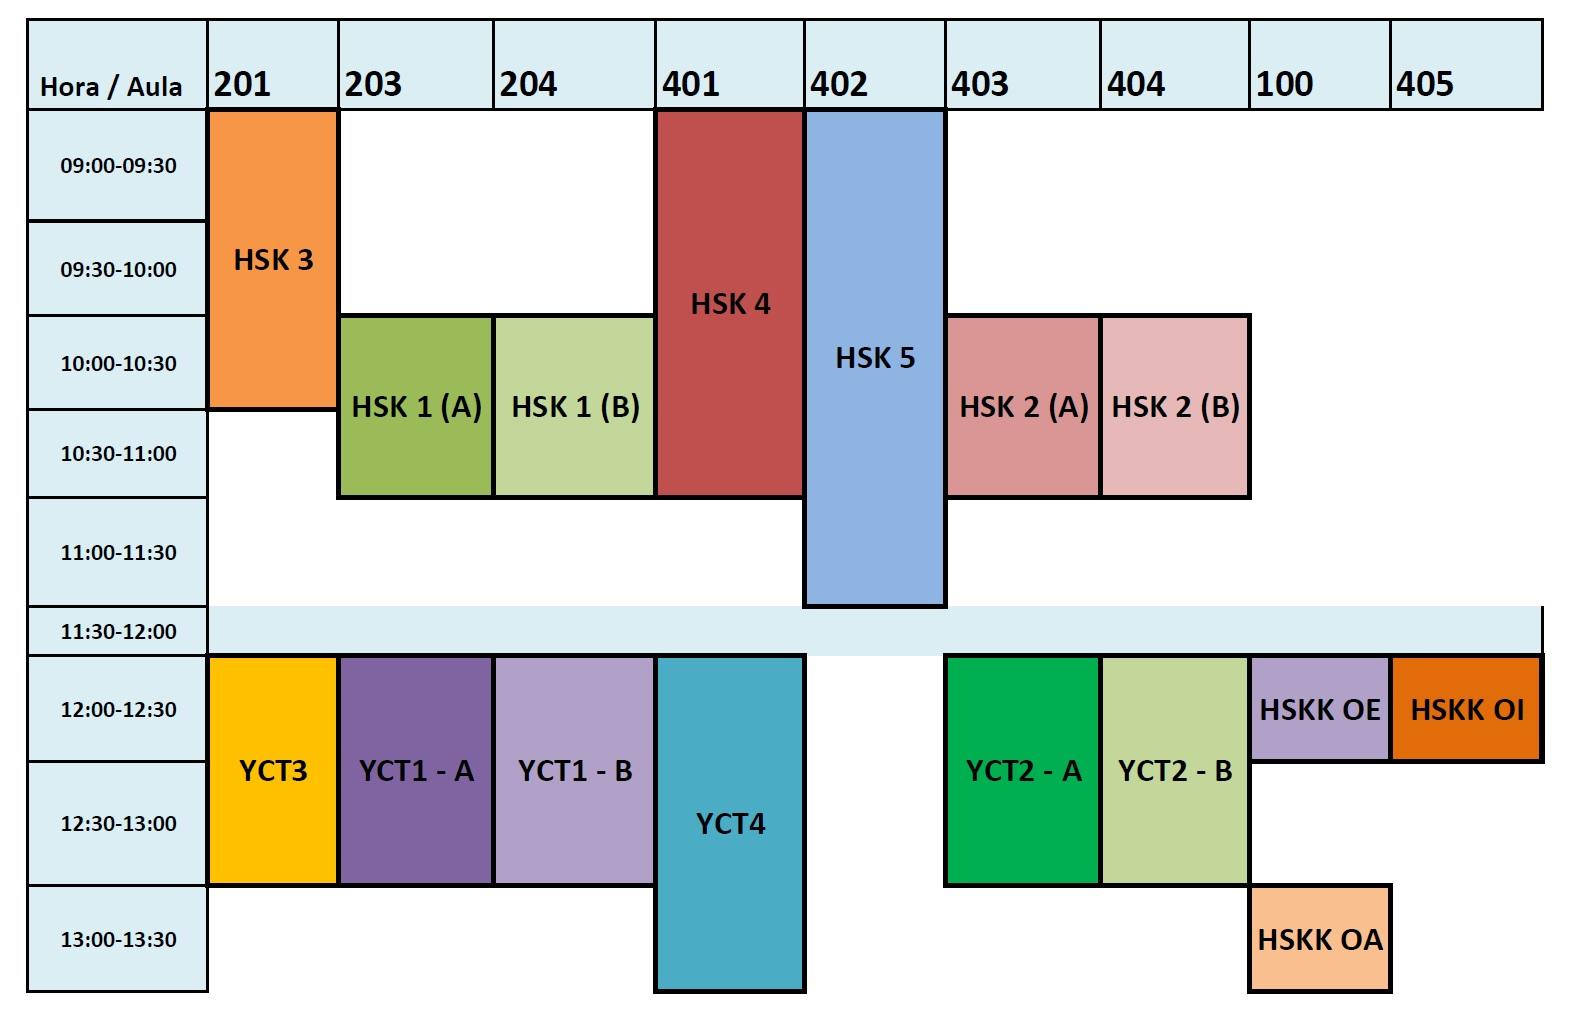 horarios de los ex menes oficiales hsk yct hskk 2014